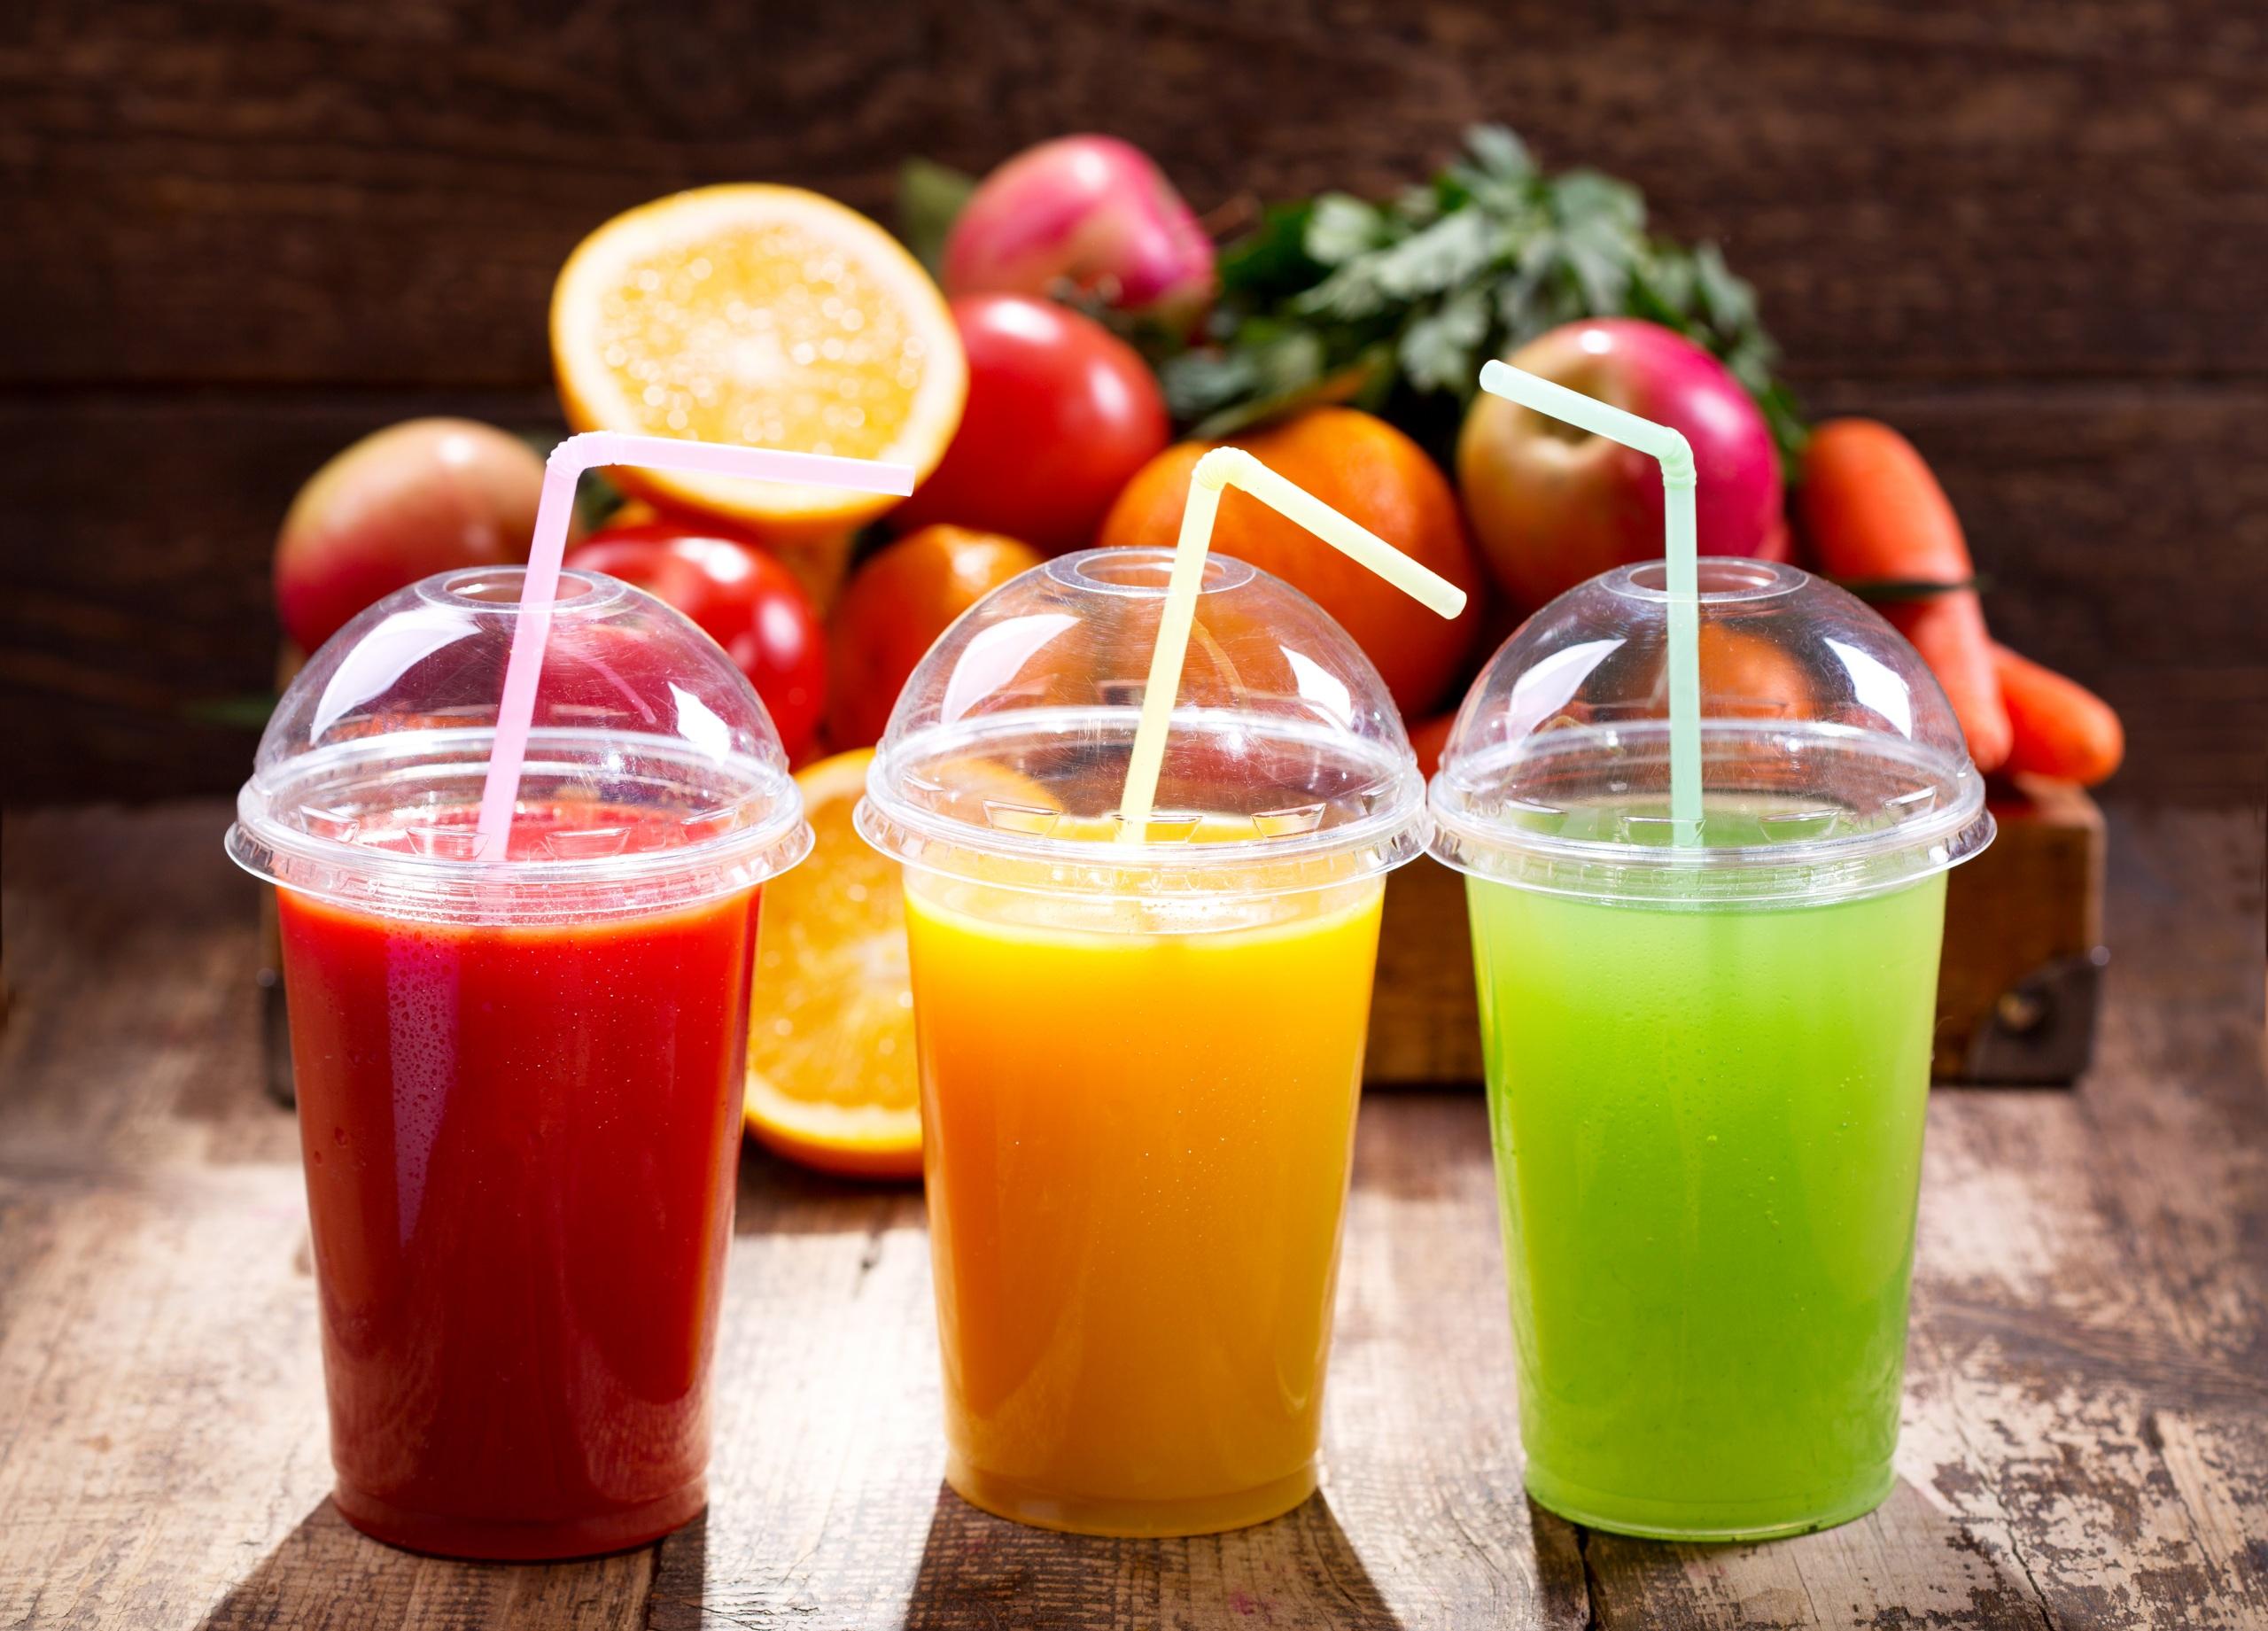 Картинки Сок Стакан Еда Трое 3 Фрукты 2560x1841 стакана стакане три Пища втроем Продукты питания